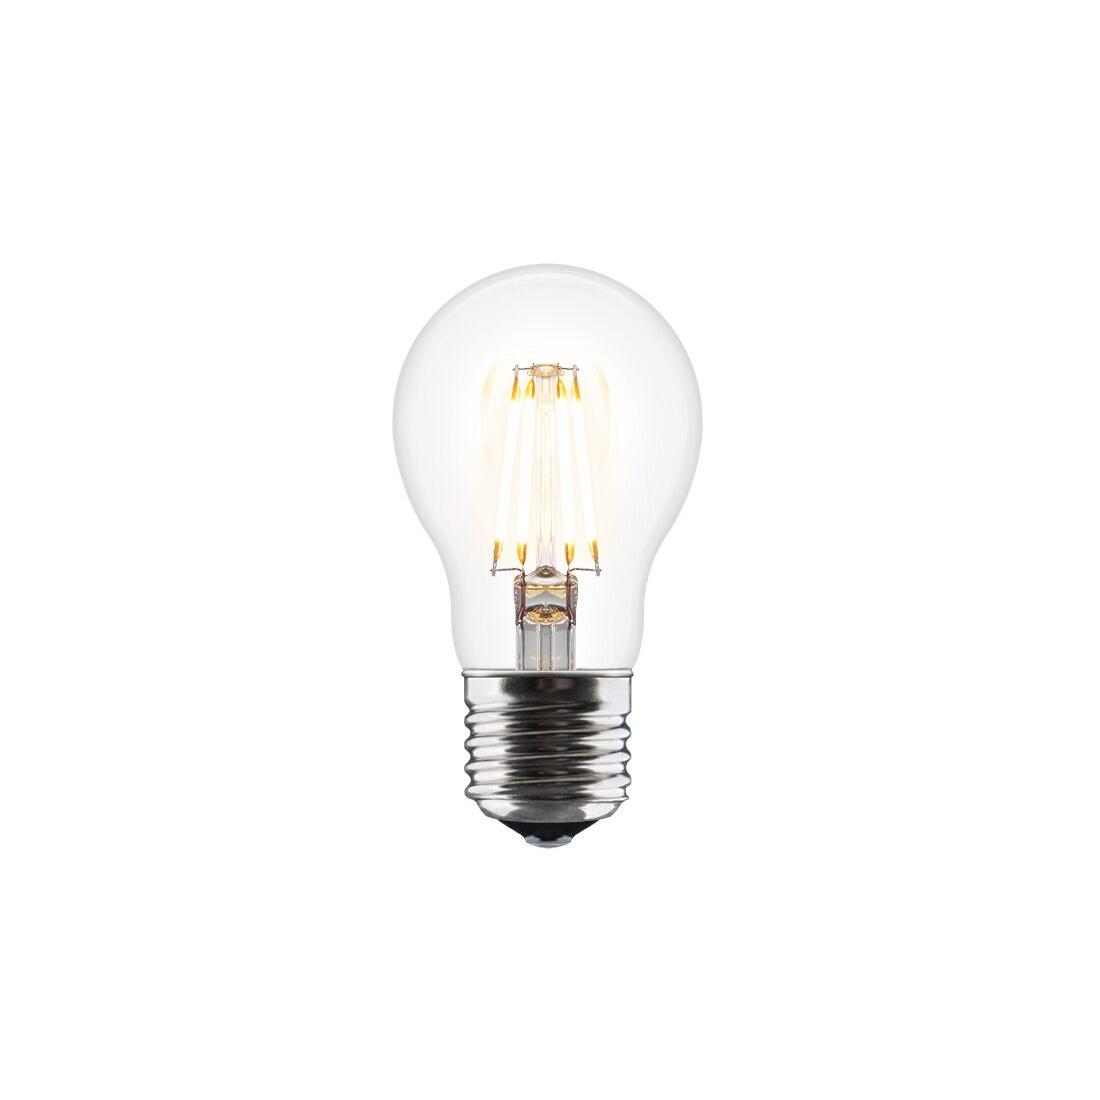 LED A++ lågenergi LED lampa Idea, Umage